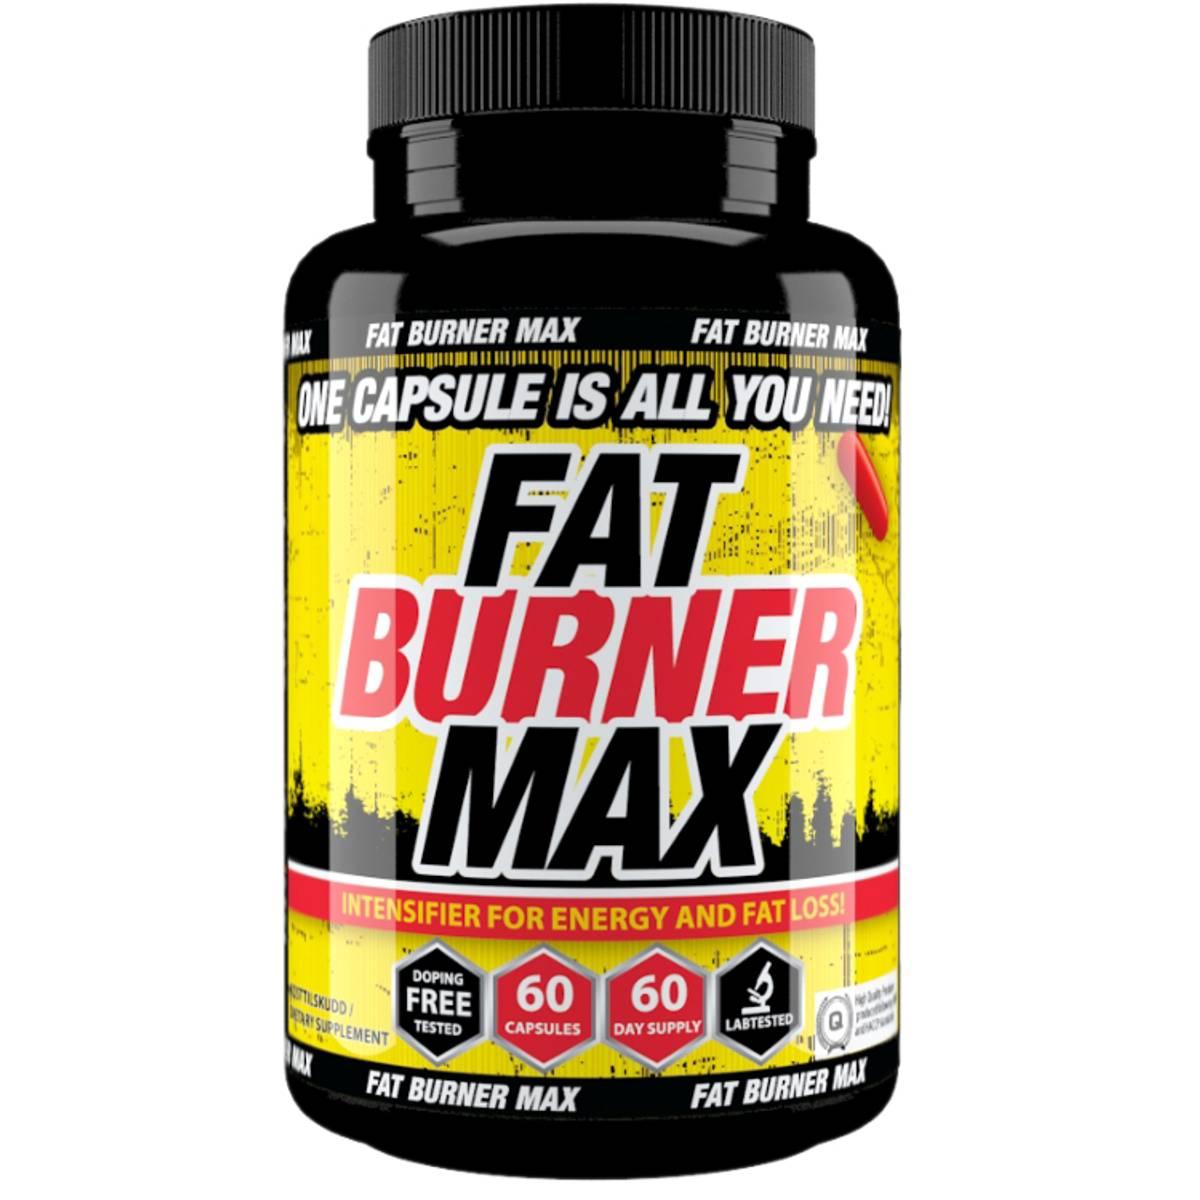 Fat Burner MAX 60 kapsler - 2 mnd forbruk